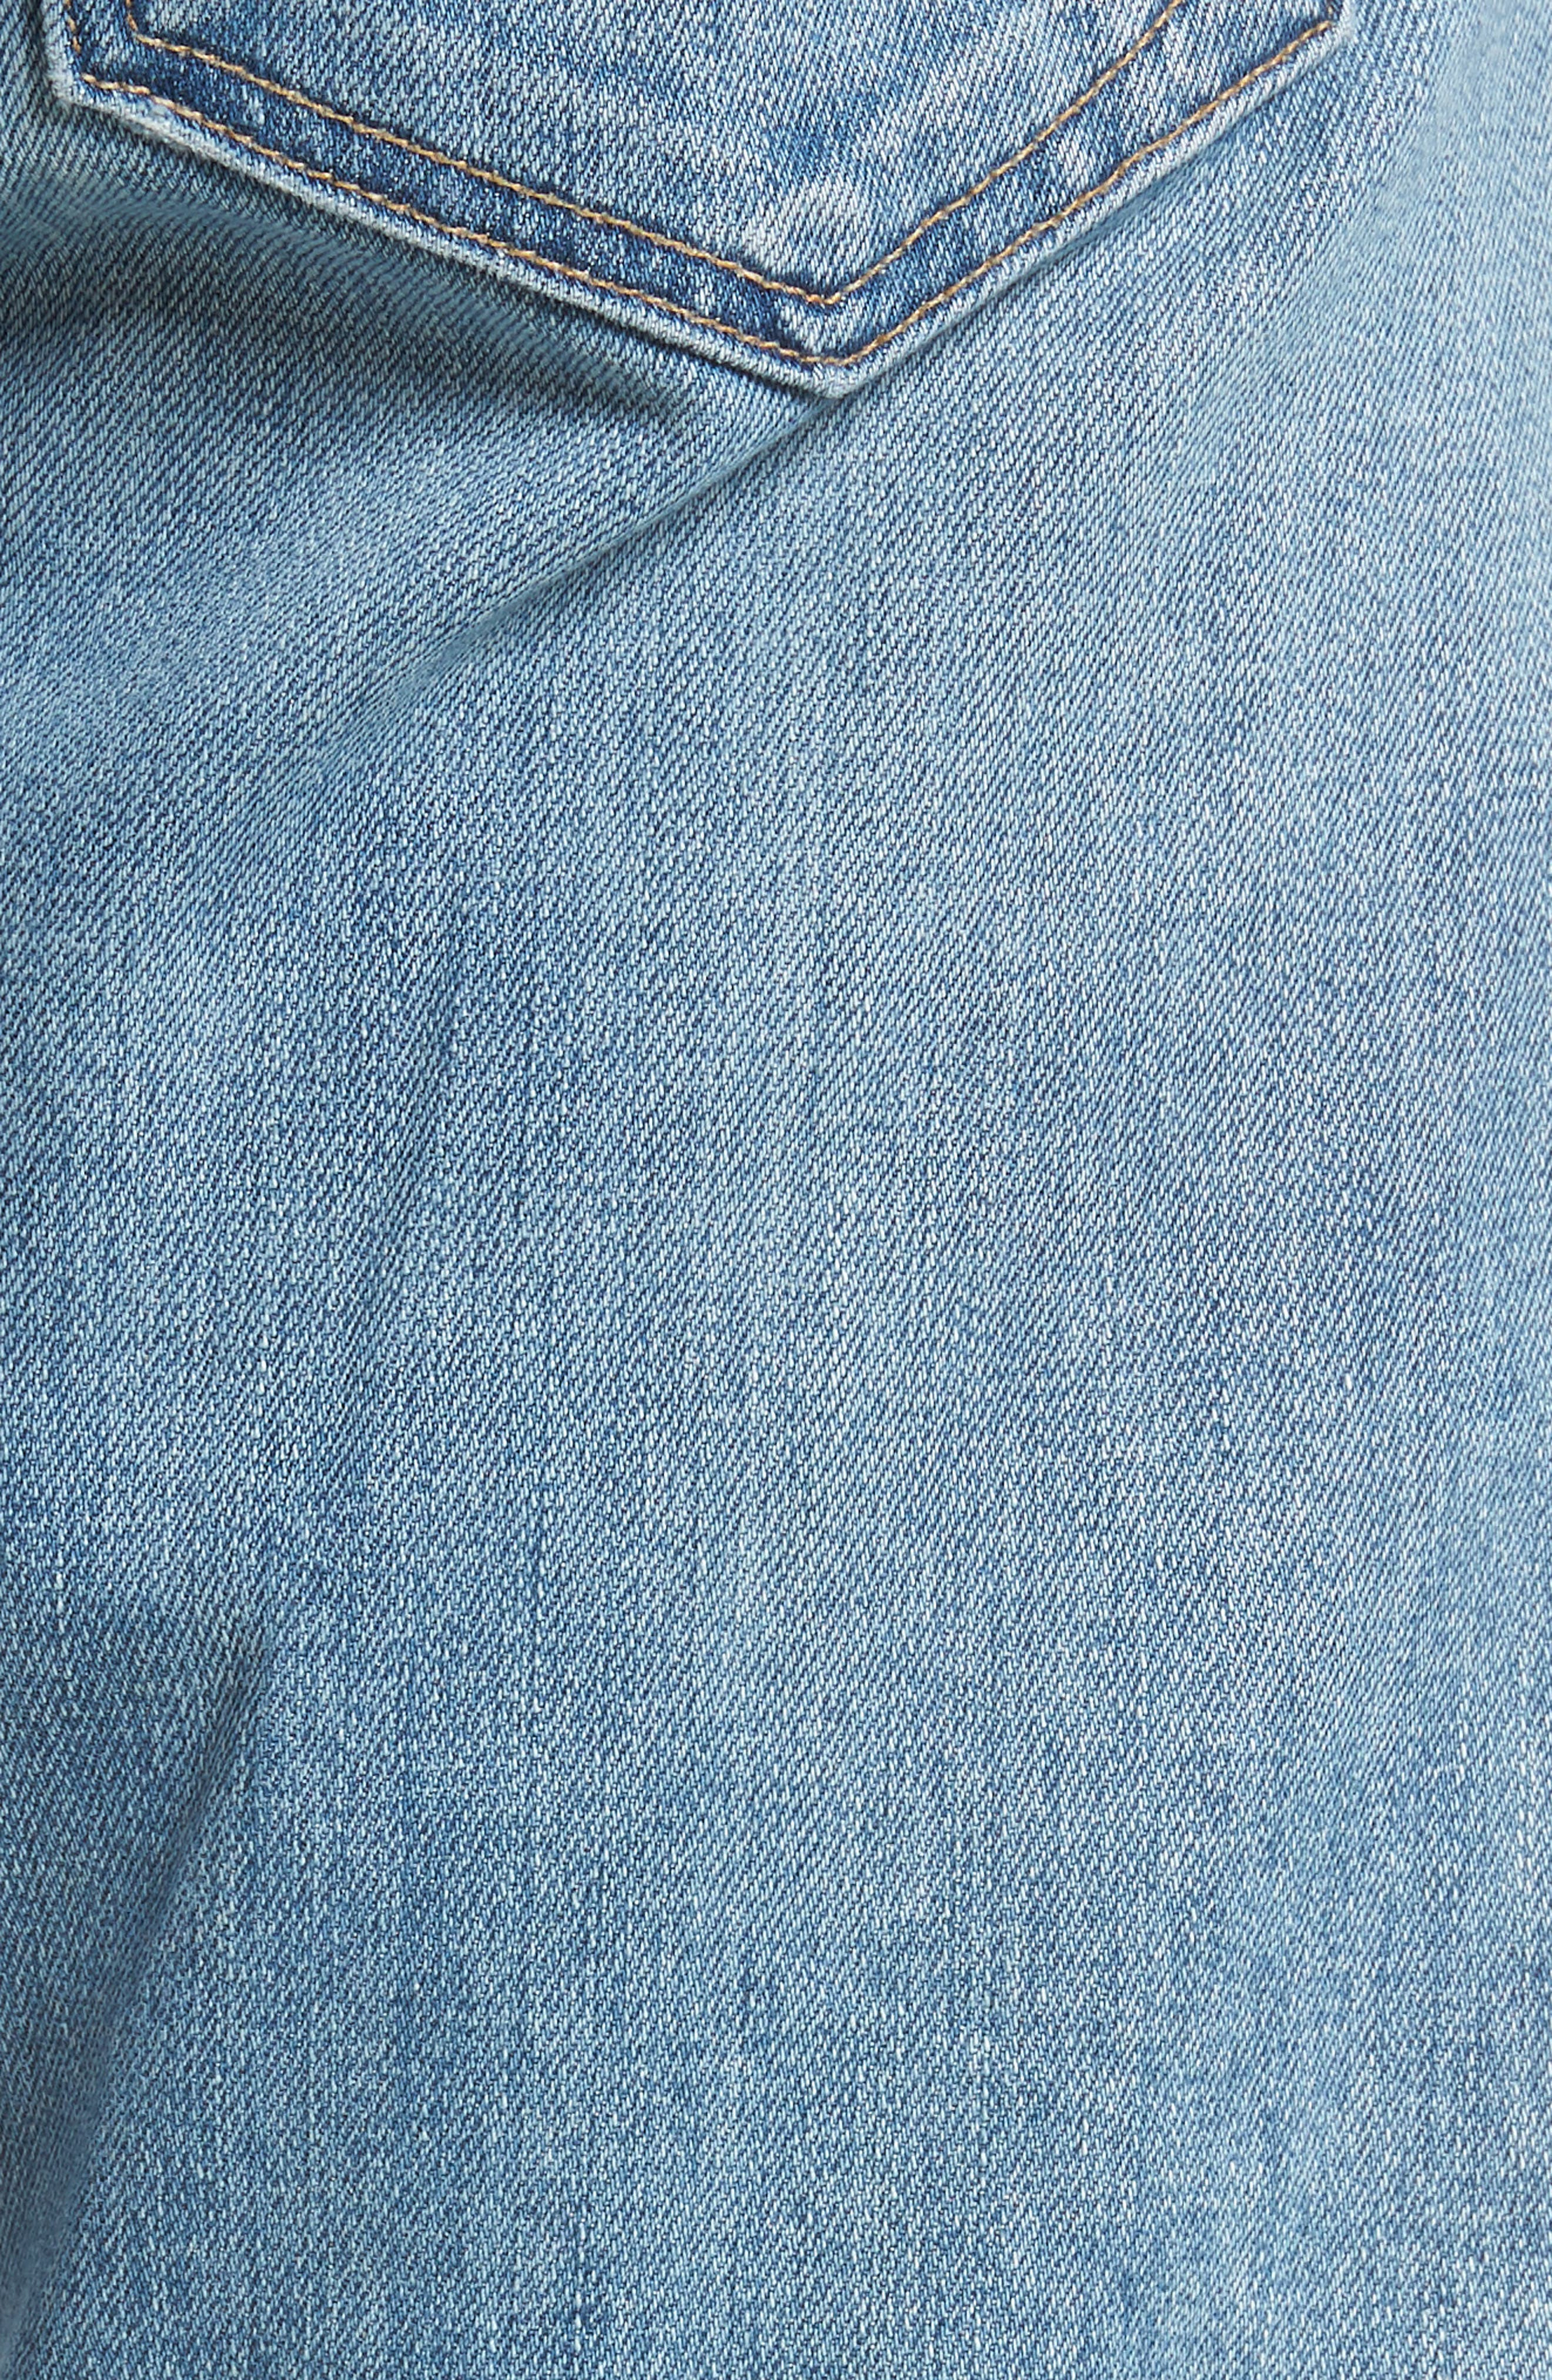 Fit 2 Slim Fit Jeans,                             Alternate thumbnail 5, color,                             420